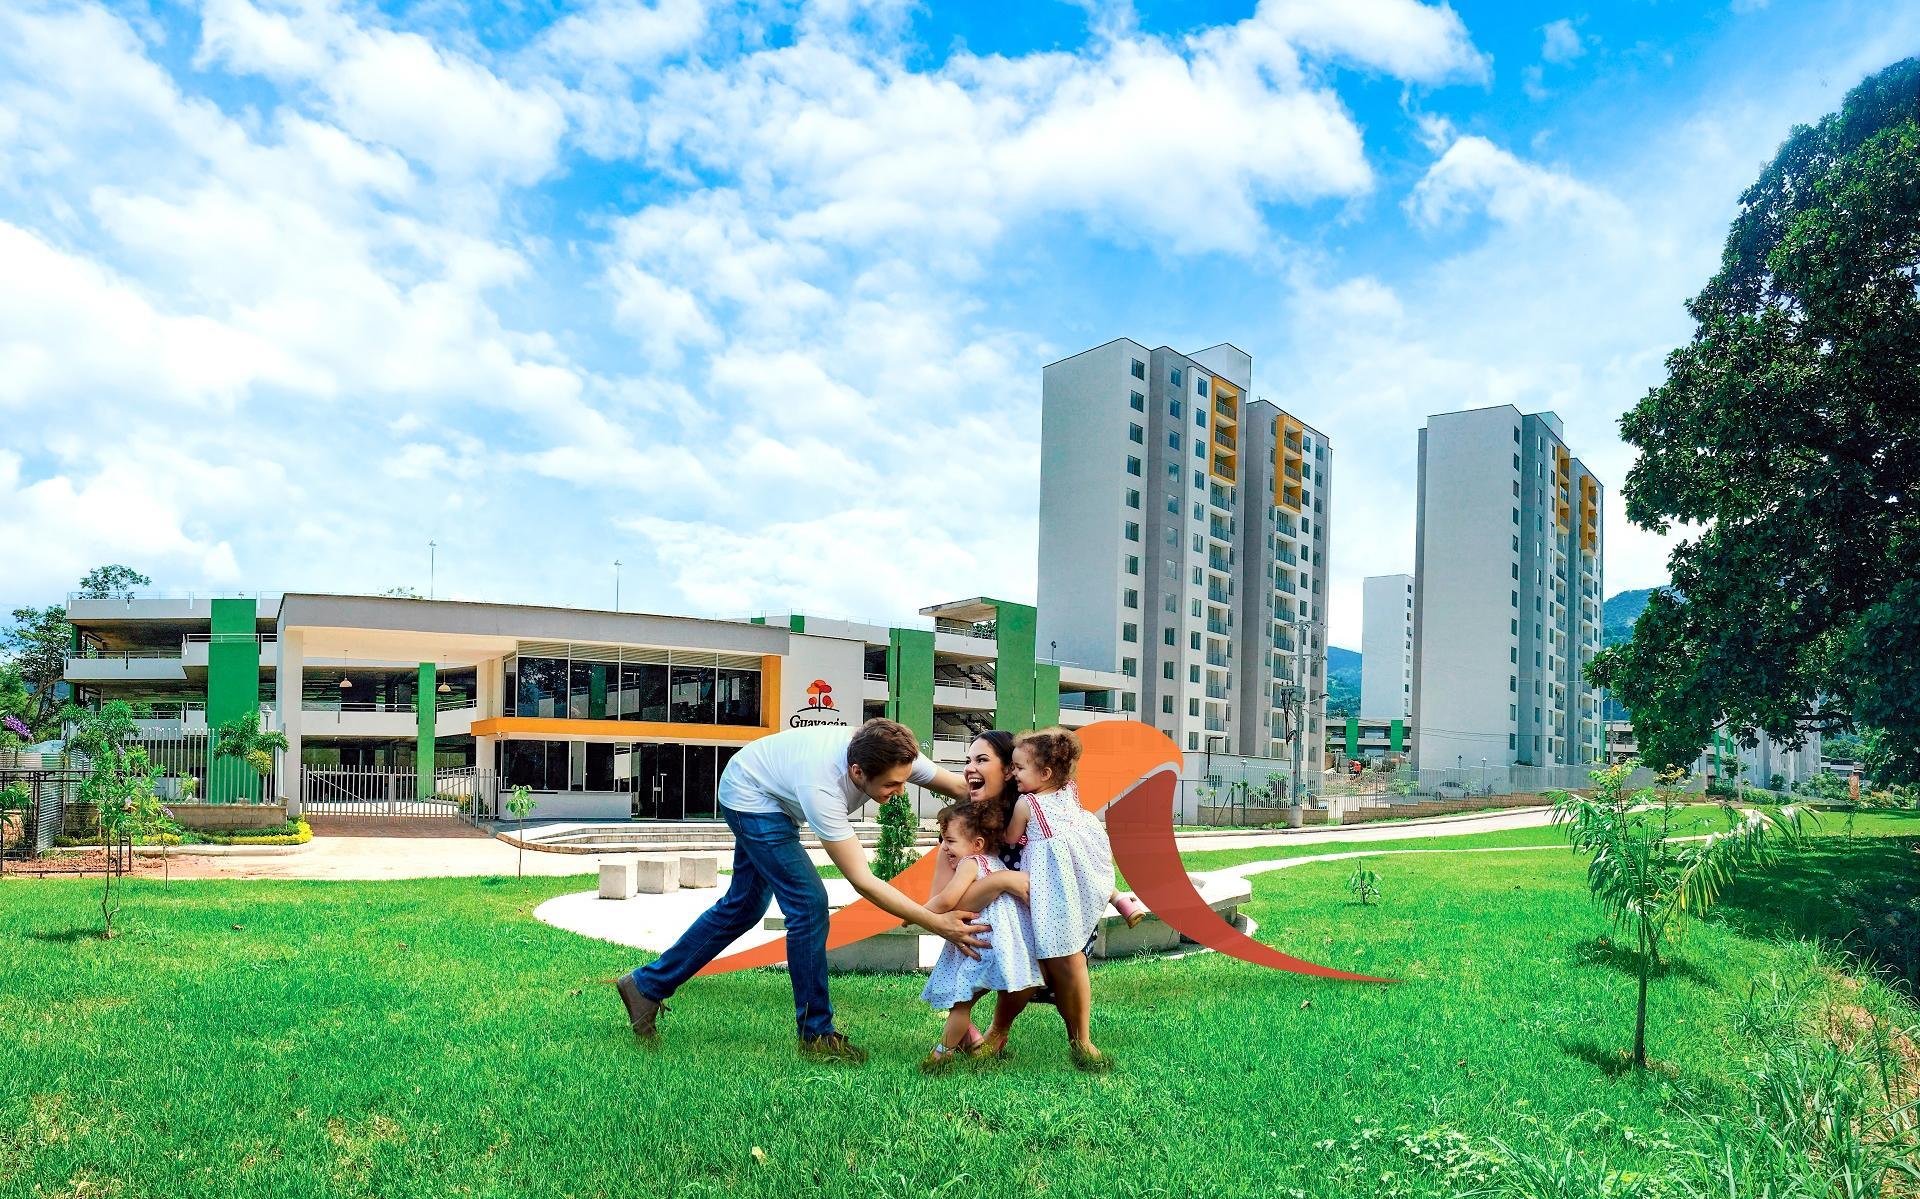 Ventajas de los proyectos de vivienda con subsidio NO VIS